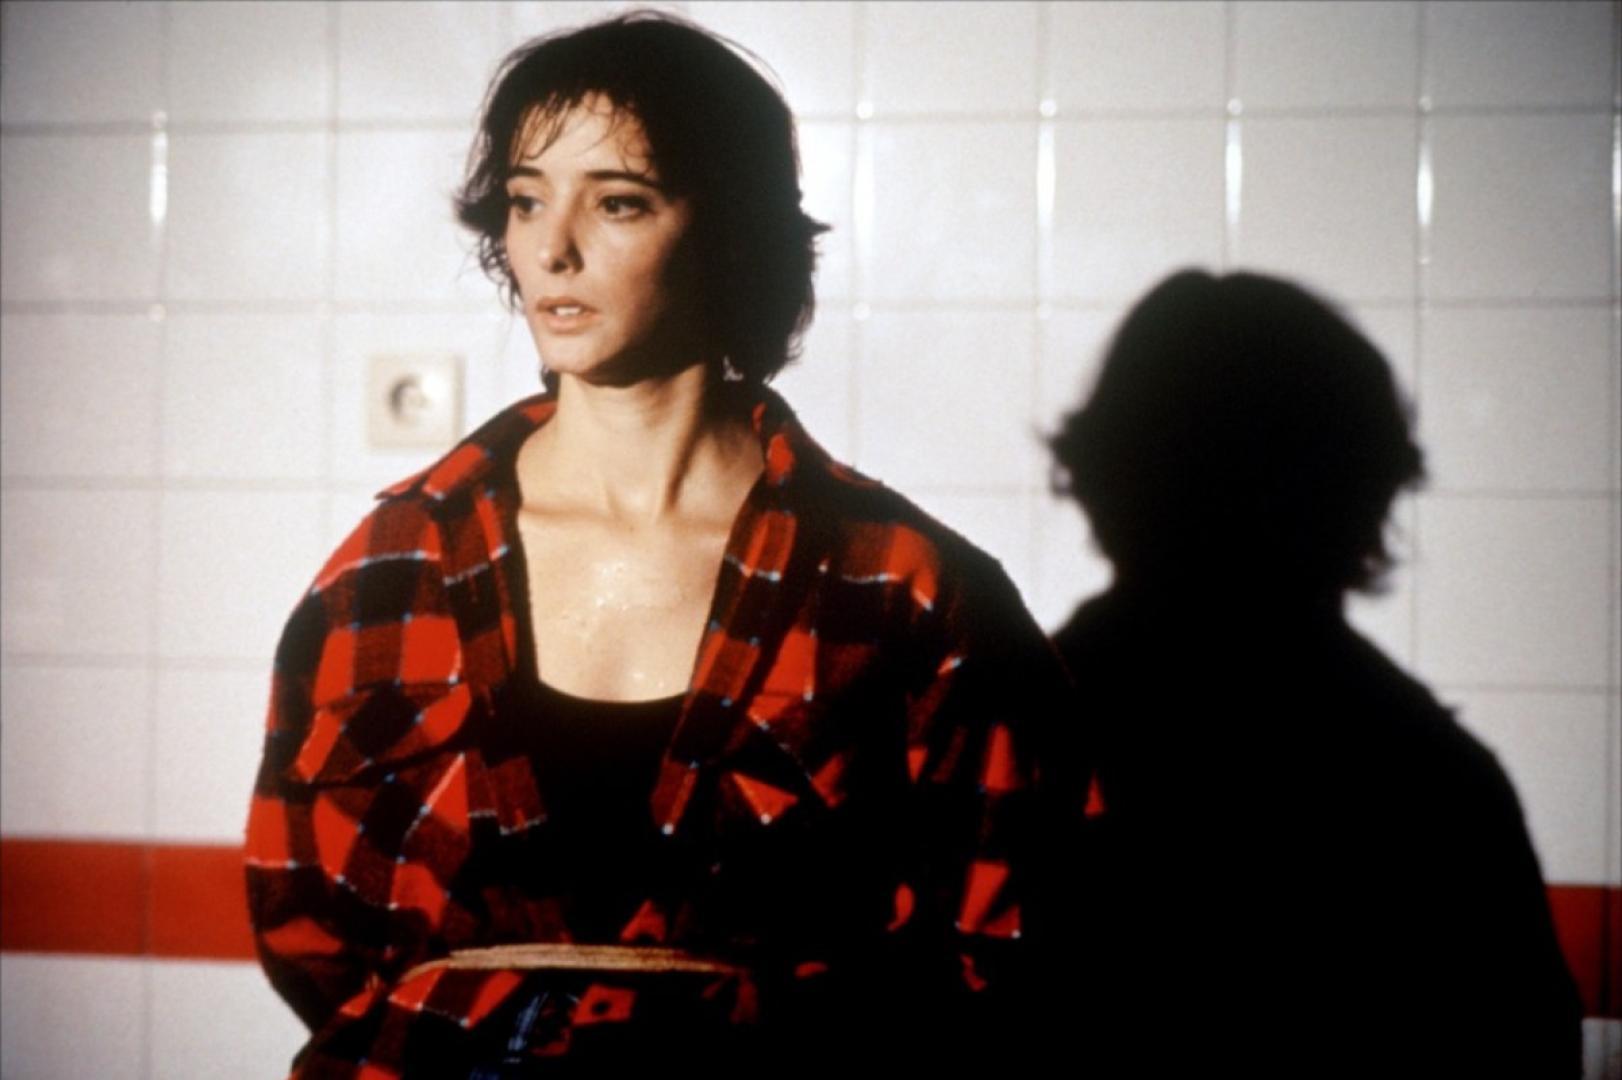 Tesis - Halálos tézis (1996) 2. kép